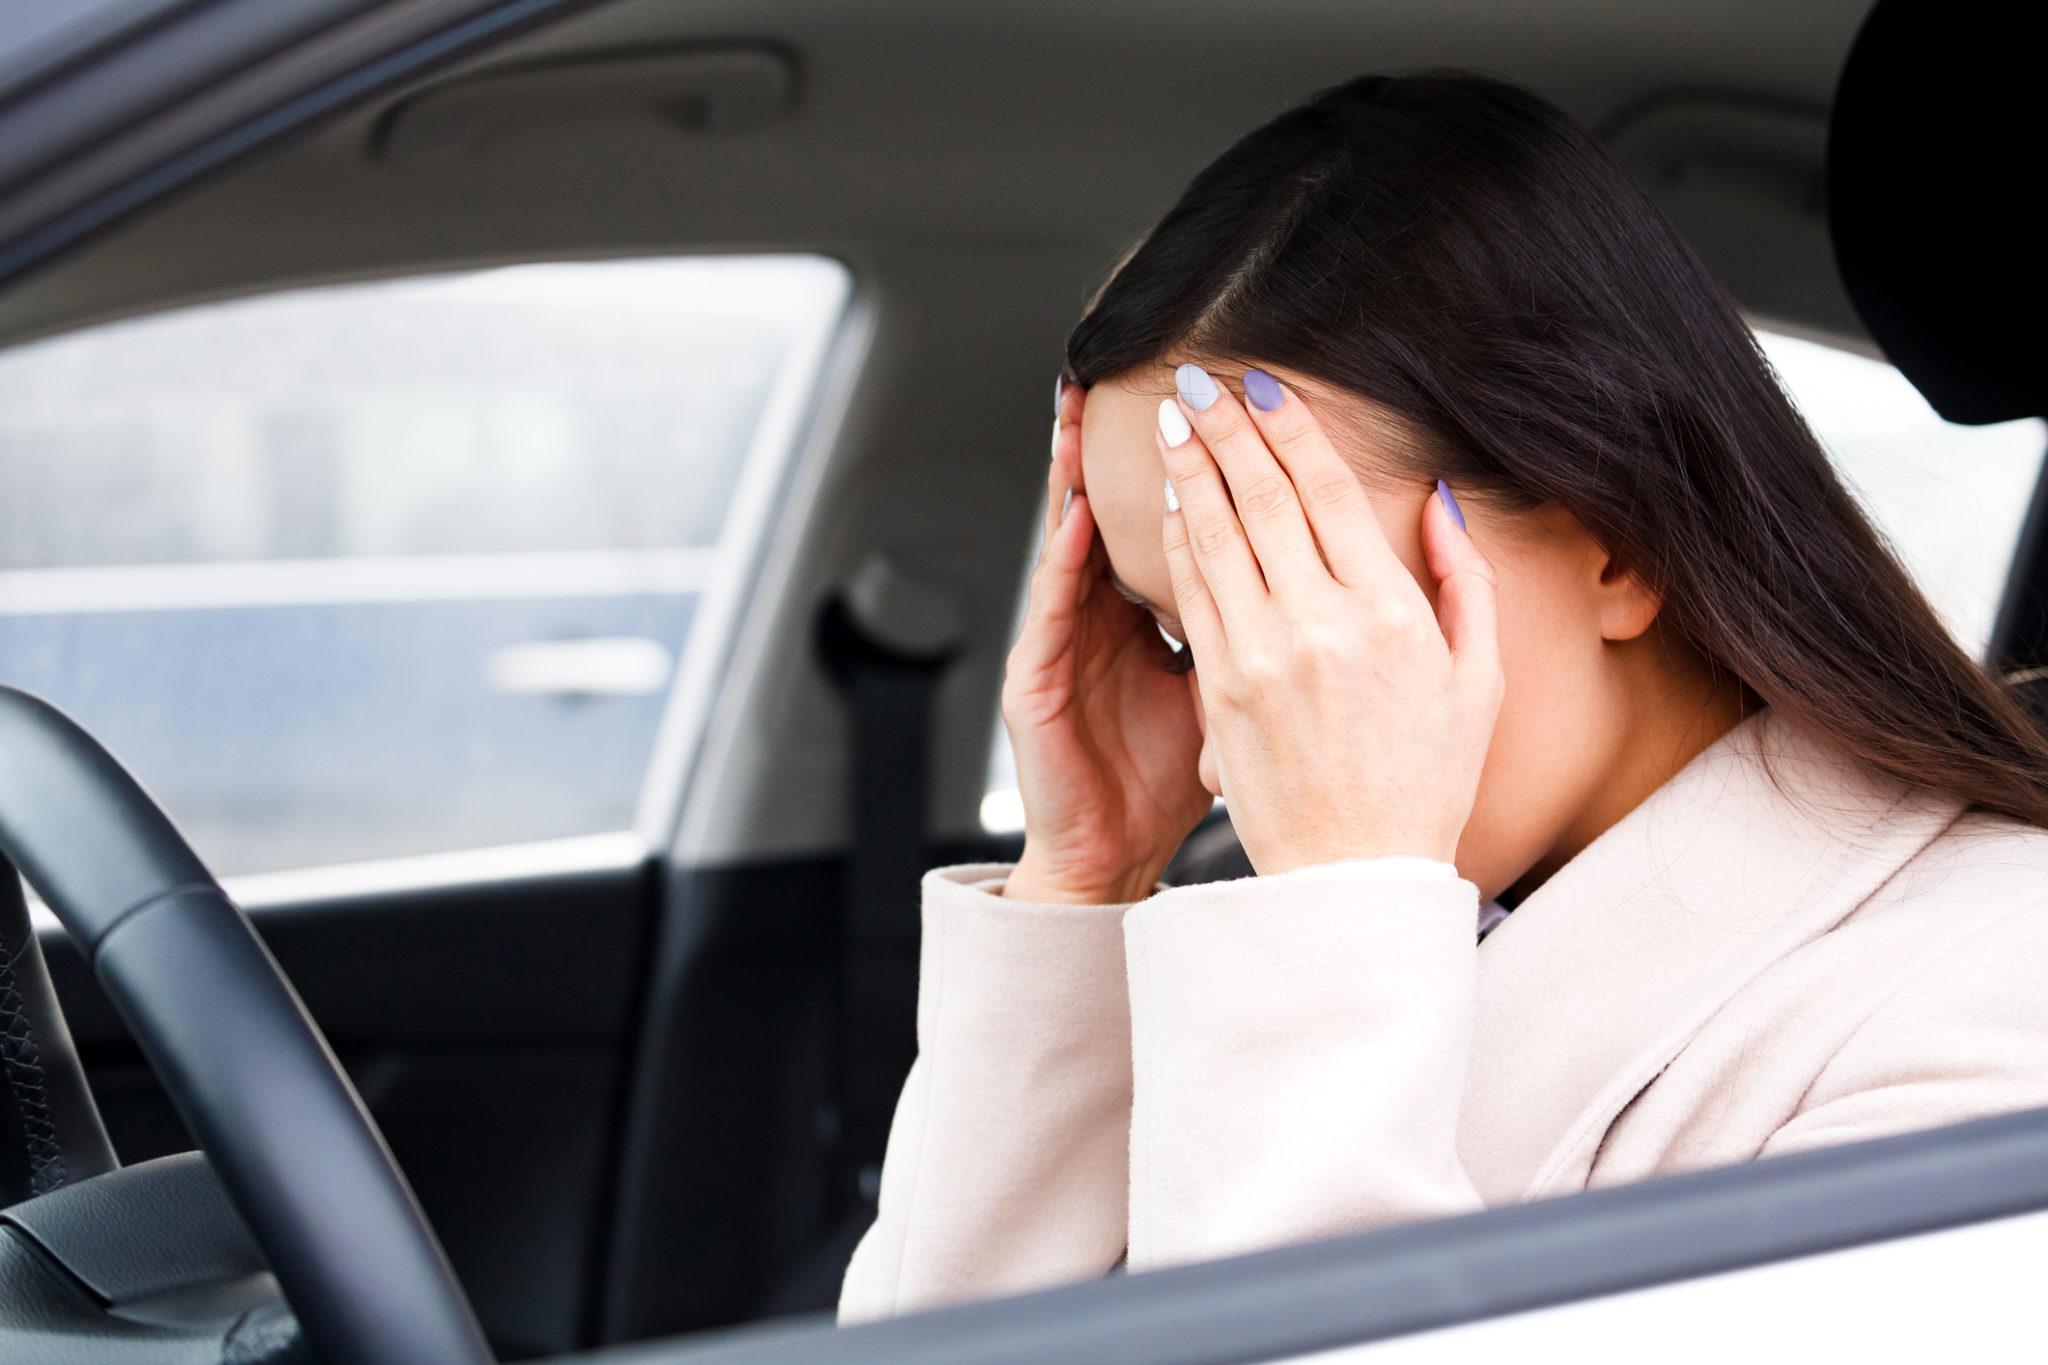 woman holding head brain fog symptom